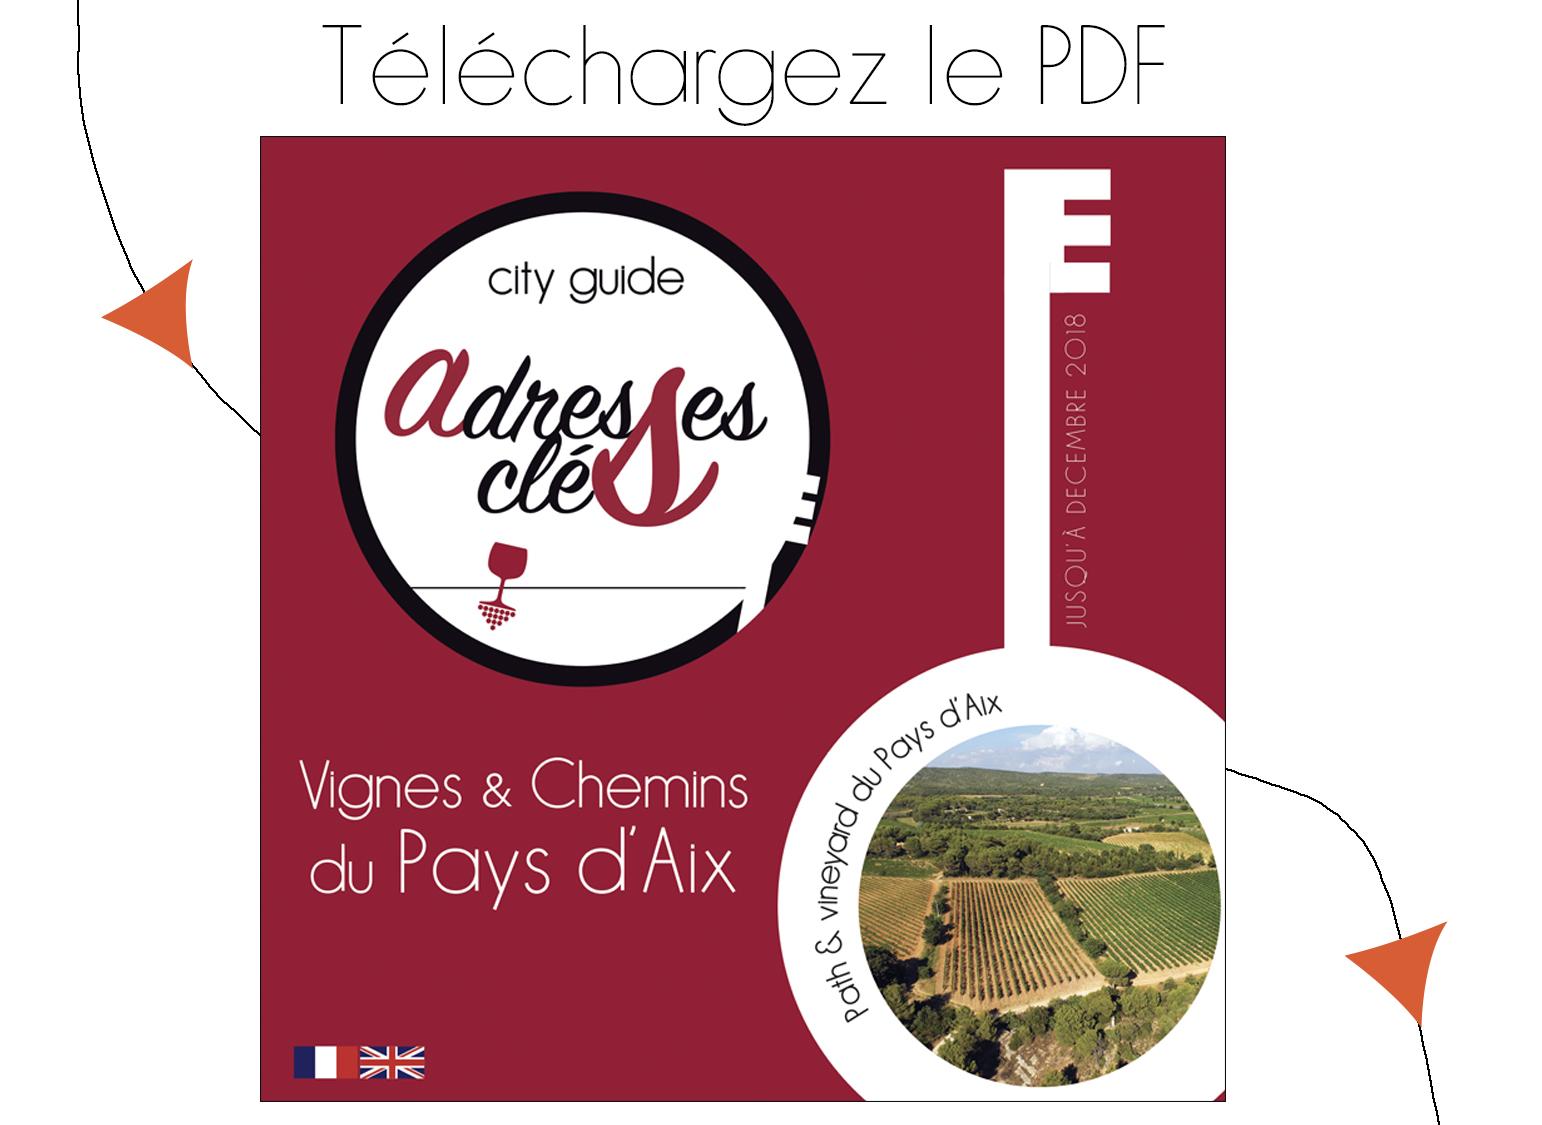 City Guide Adresses Clés Vignes et Chemins du Pays d'Aix